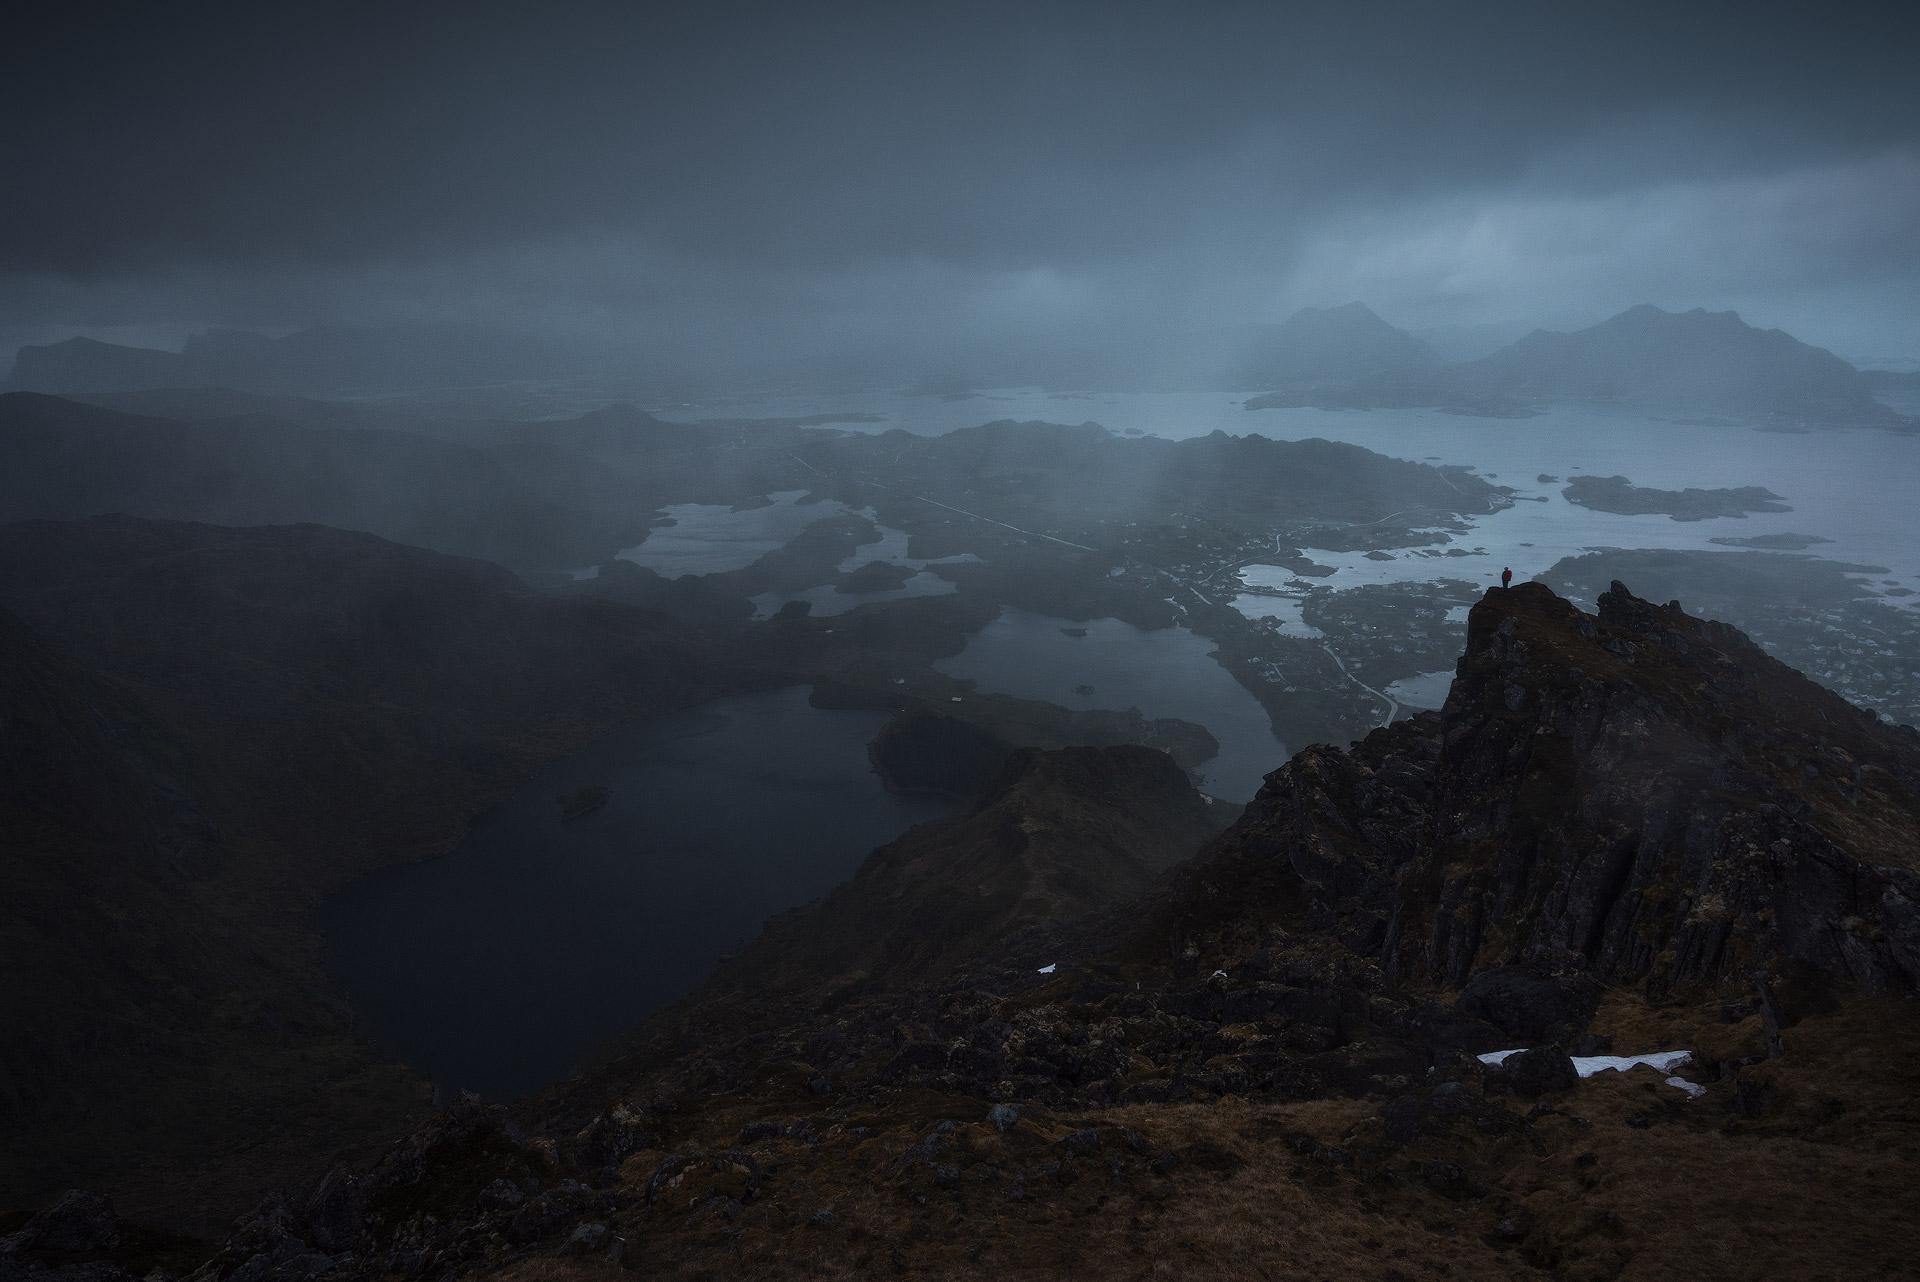 June - Wet Tents & Lofoten Hiking